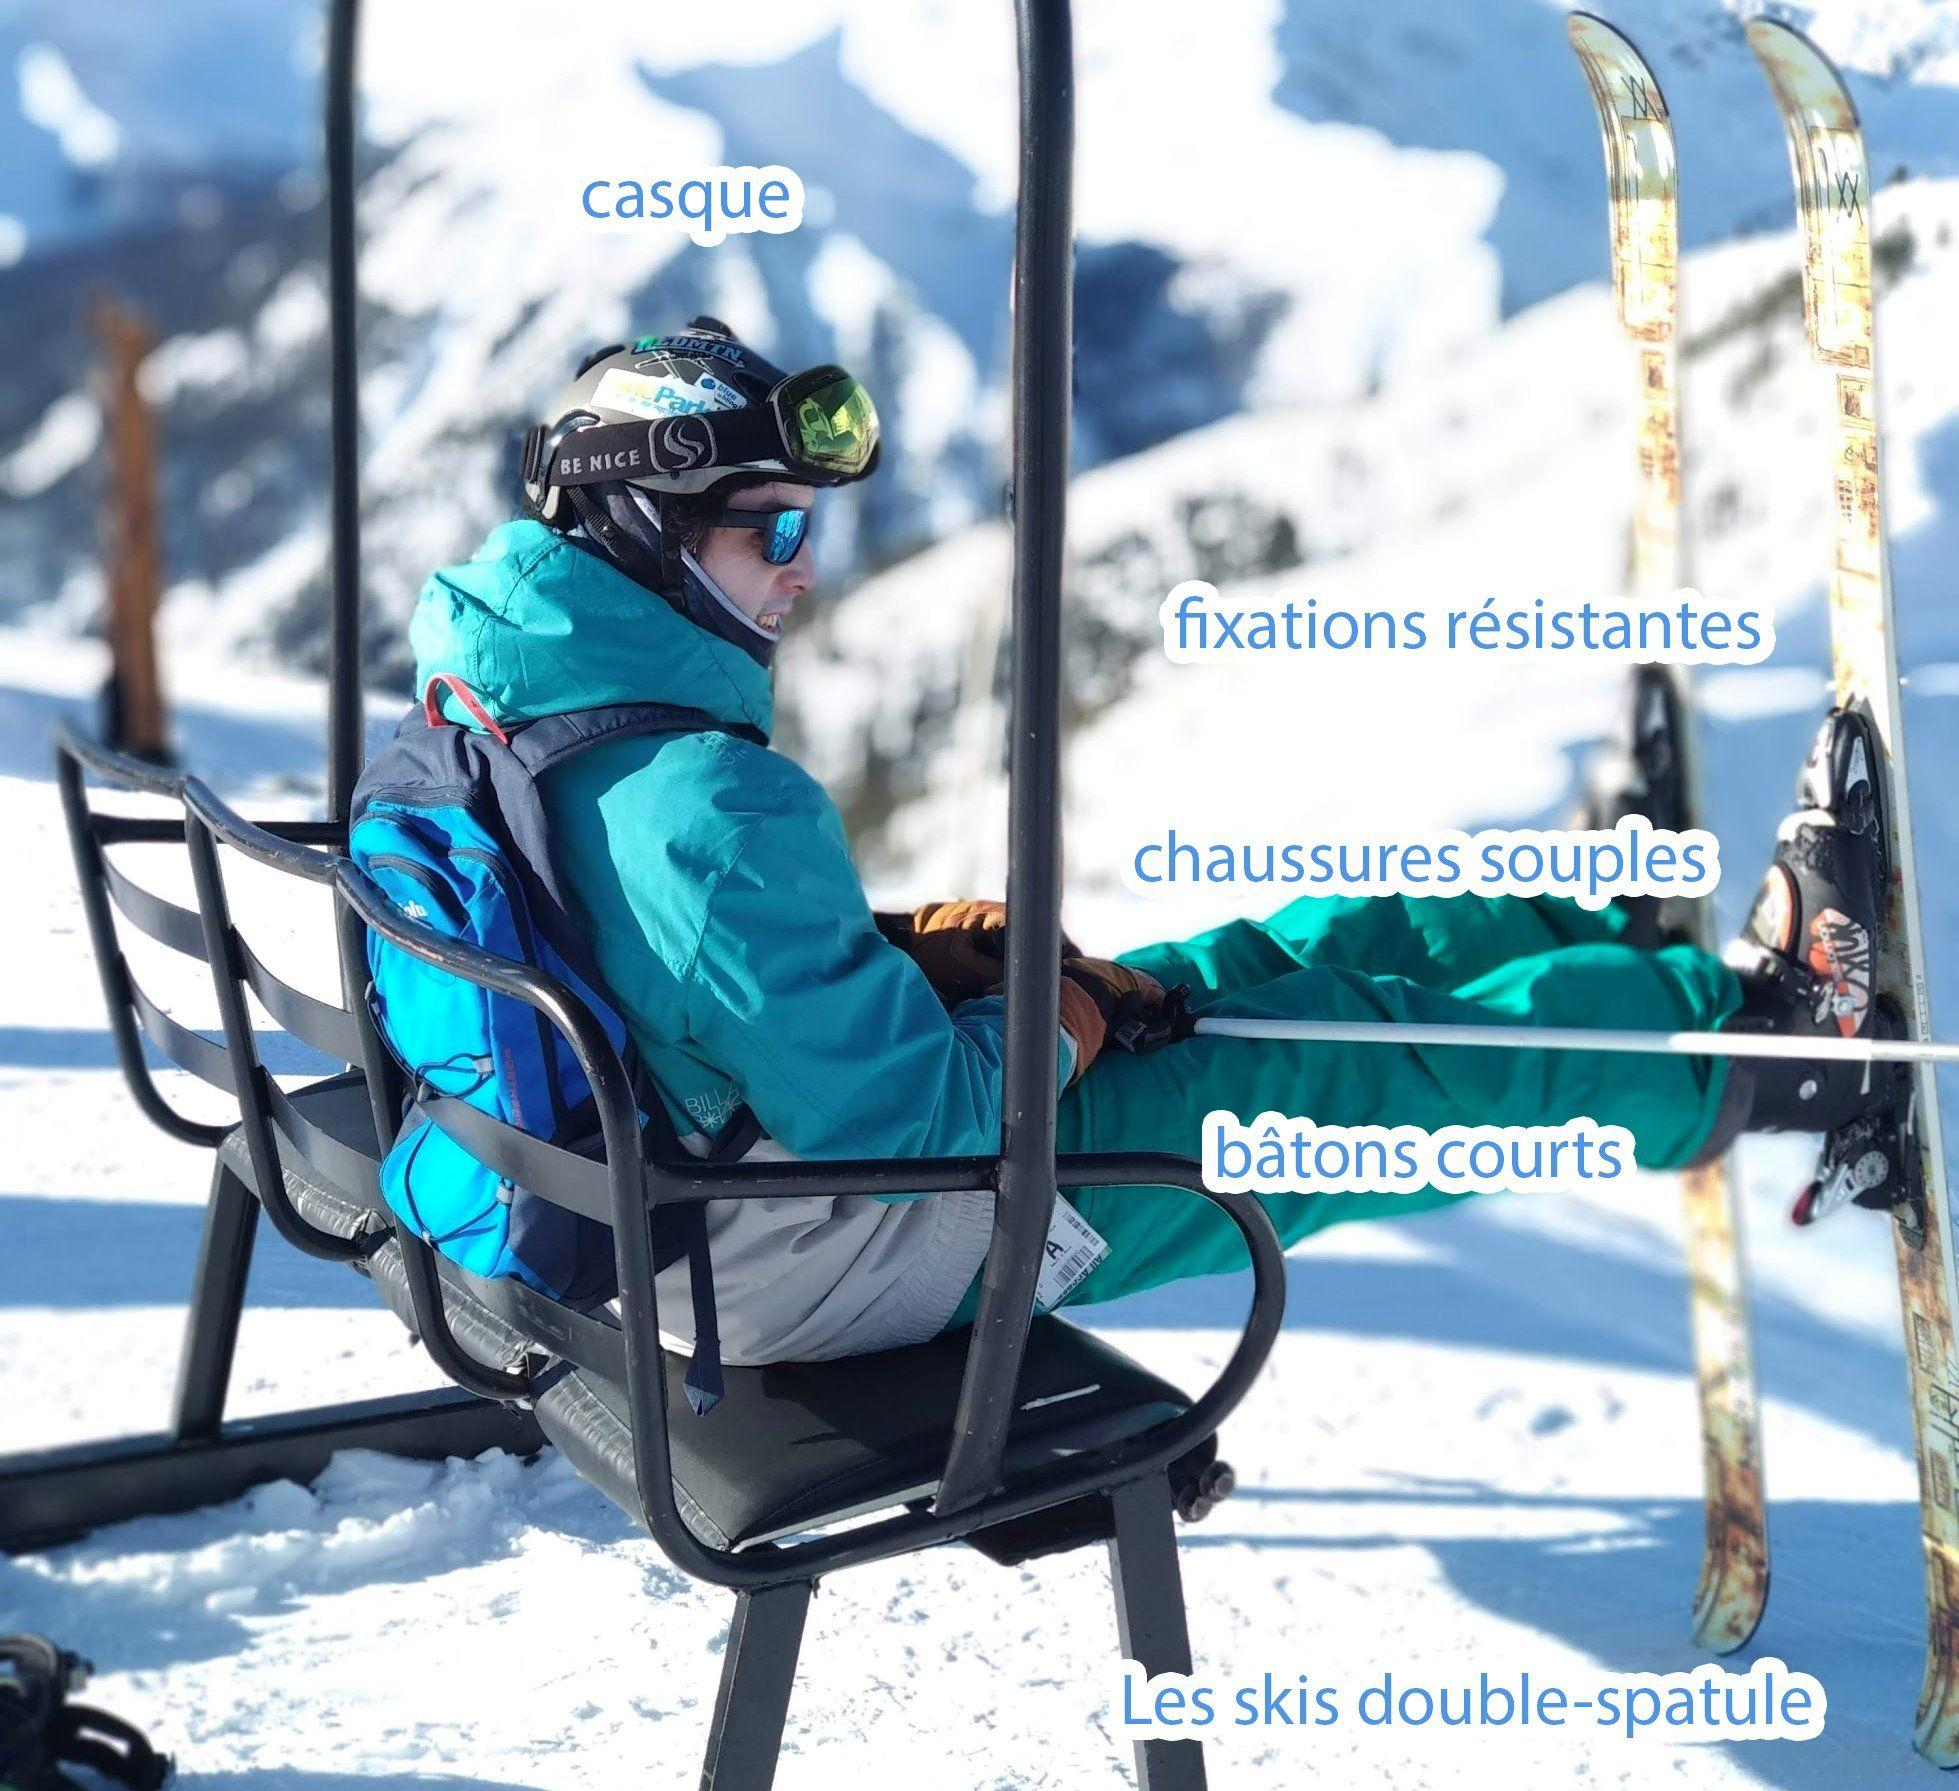 skieur assi avec un équipement complet de ski freestyle